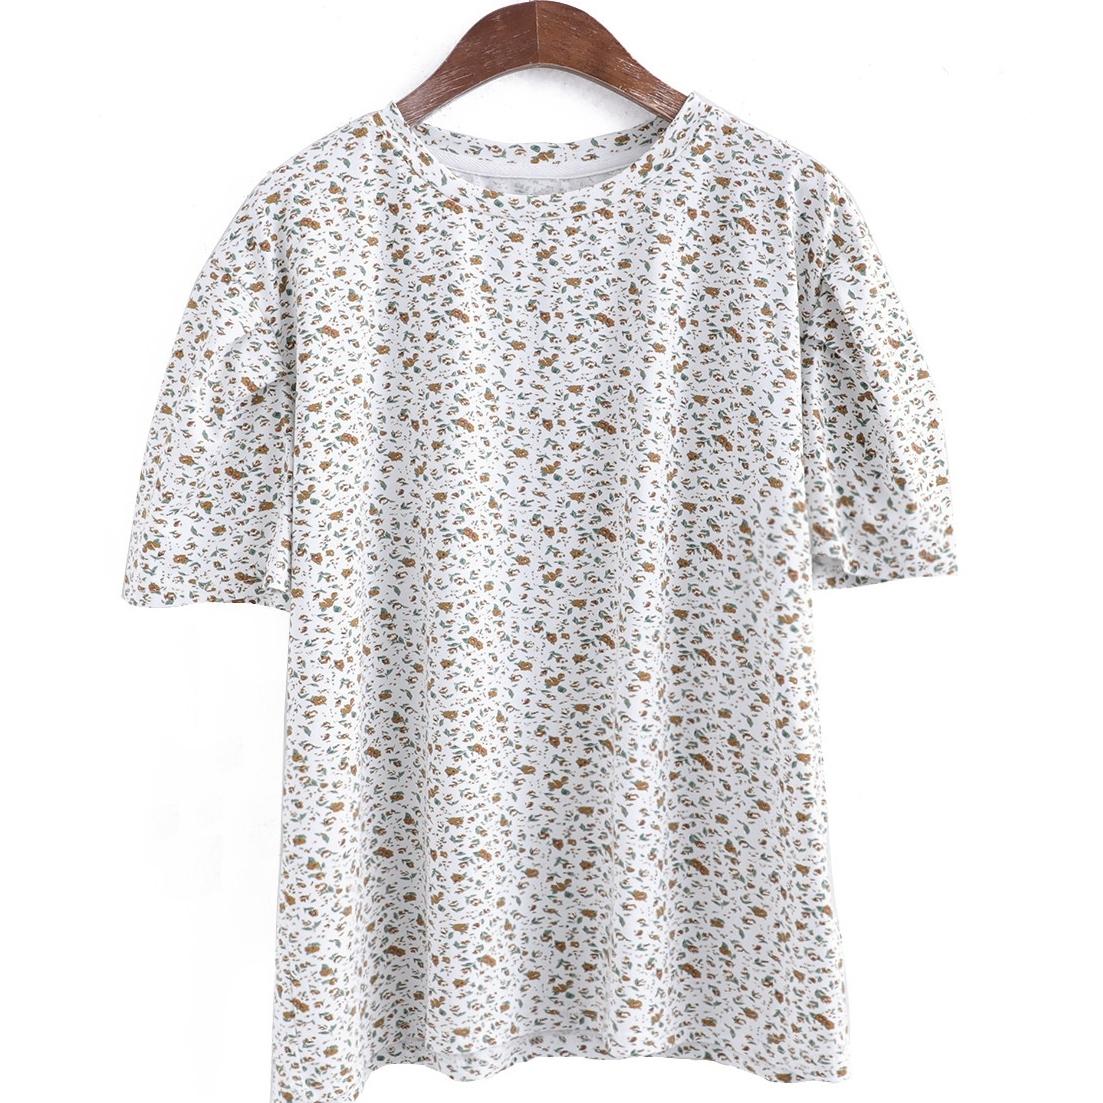 小柄半袖レトロプリント夏ラウンドネックプルオーバーTシャツ